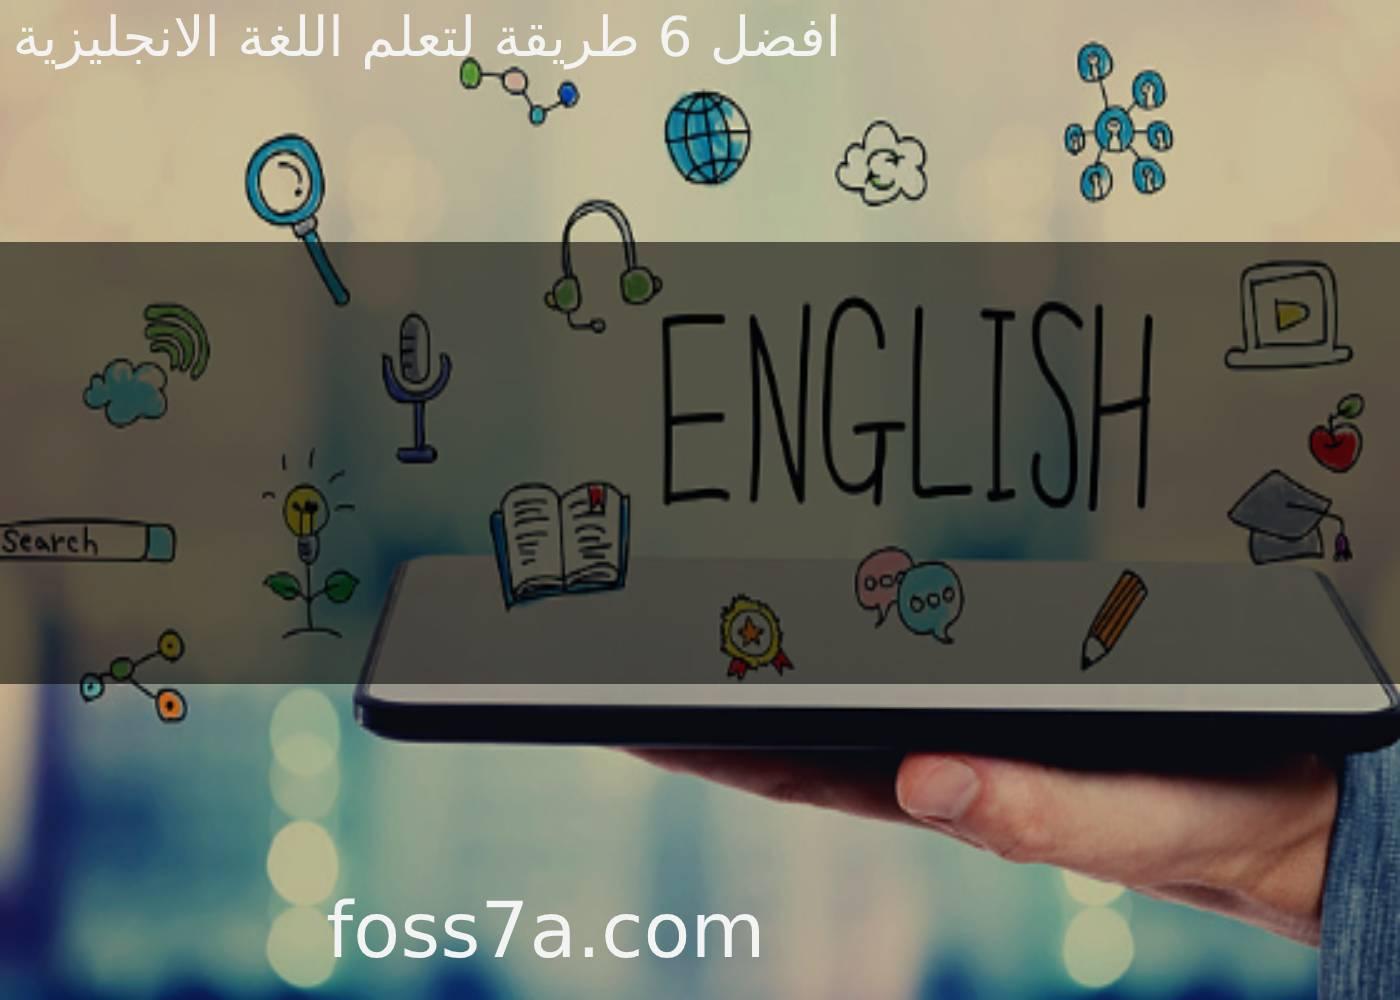 طريقة لتعلم اللغة الانجليزية